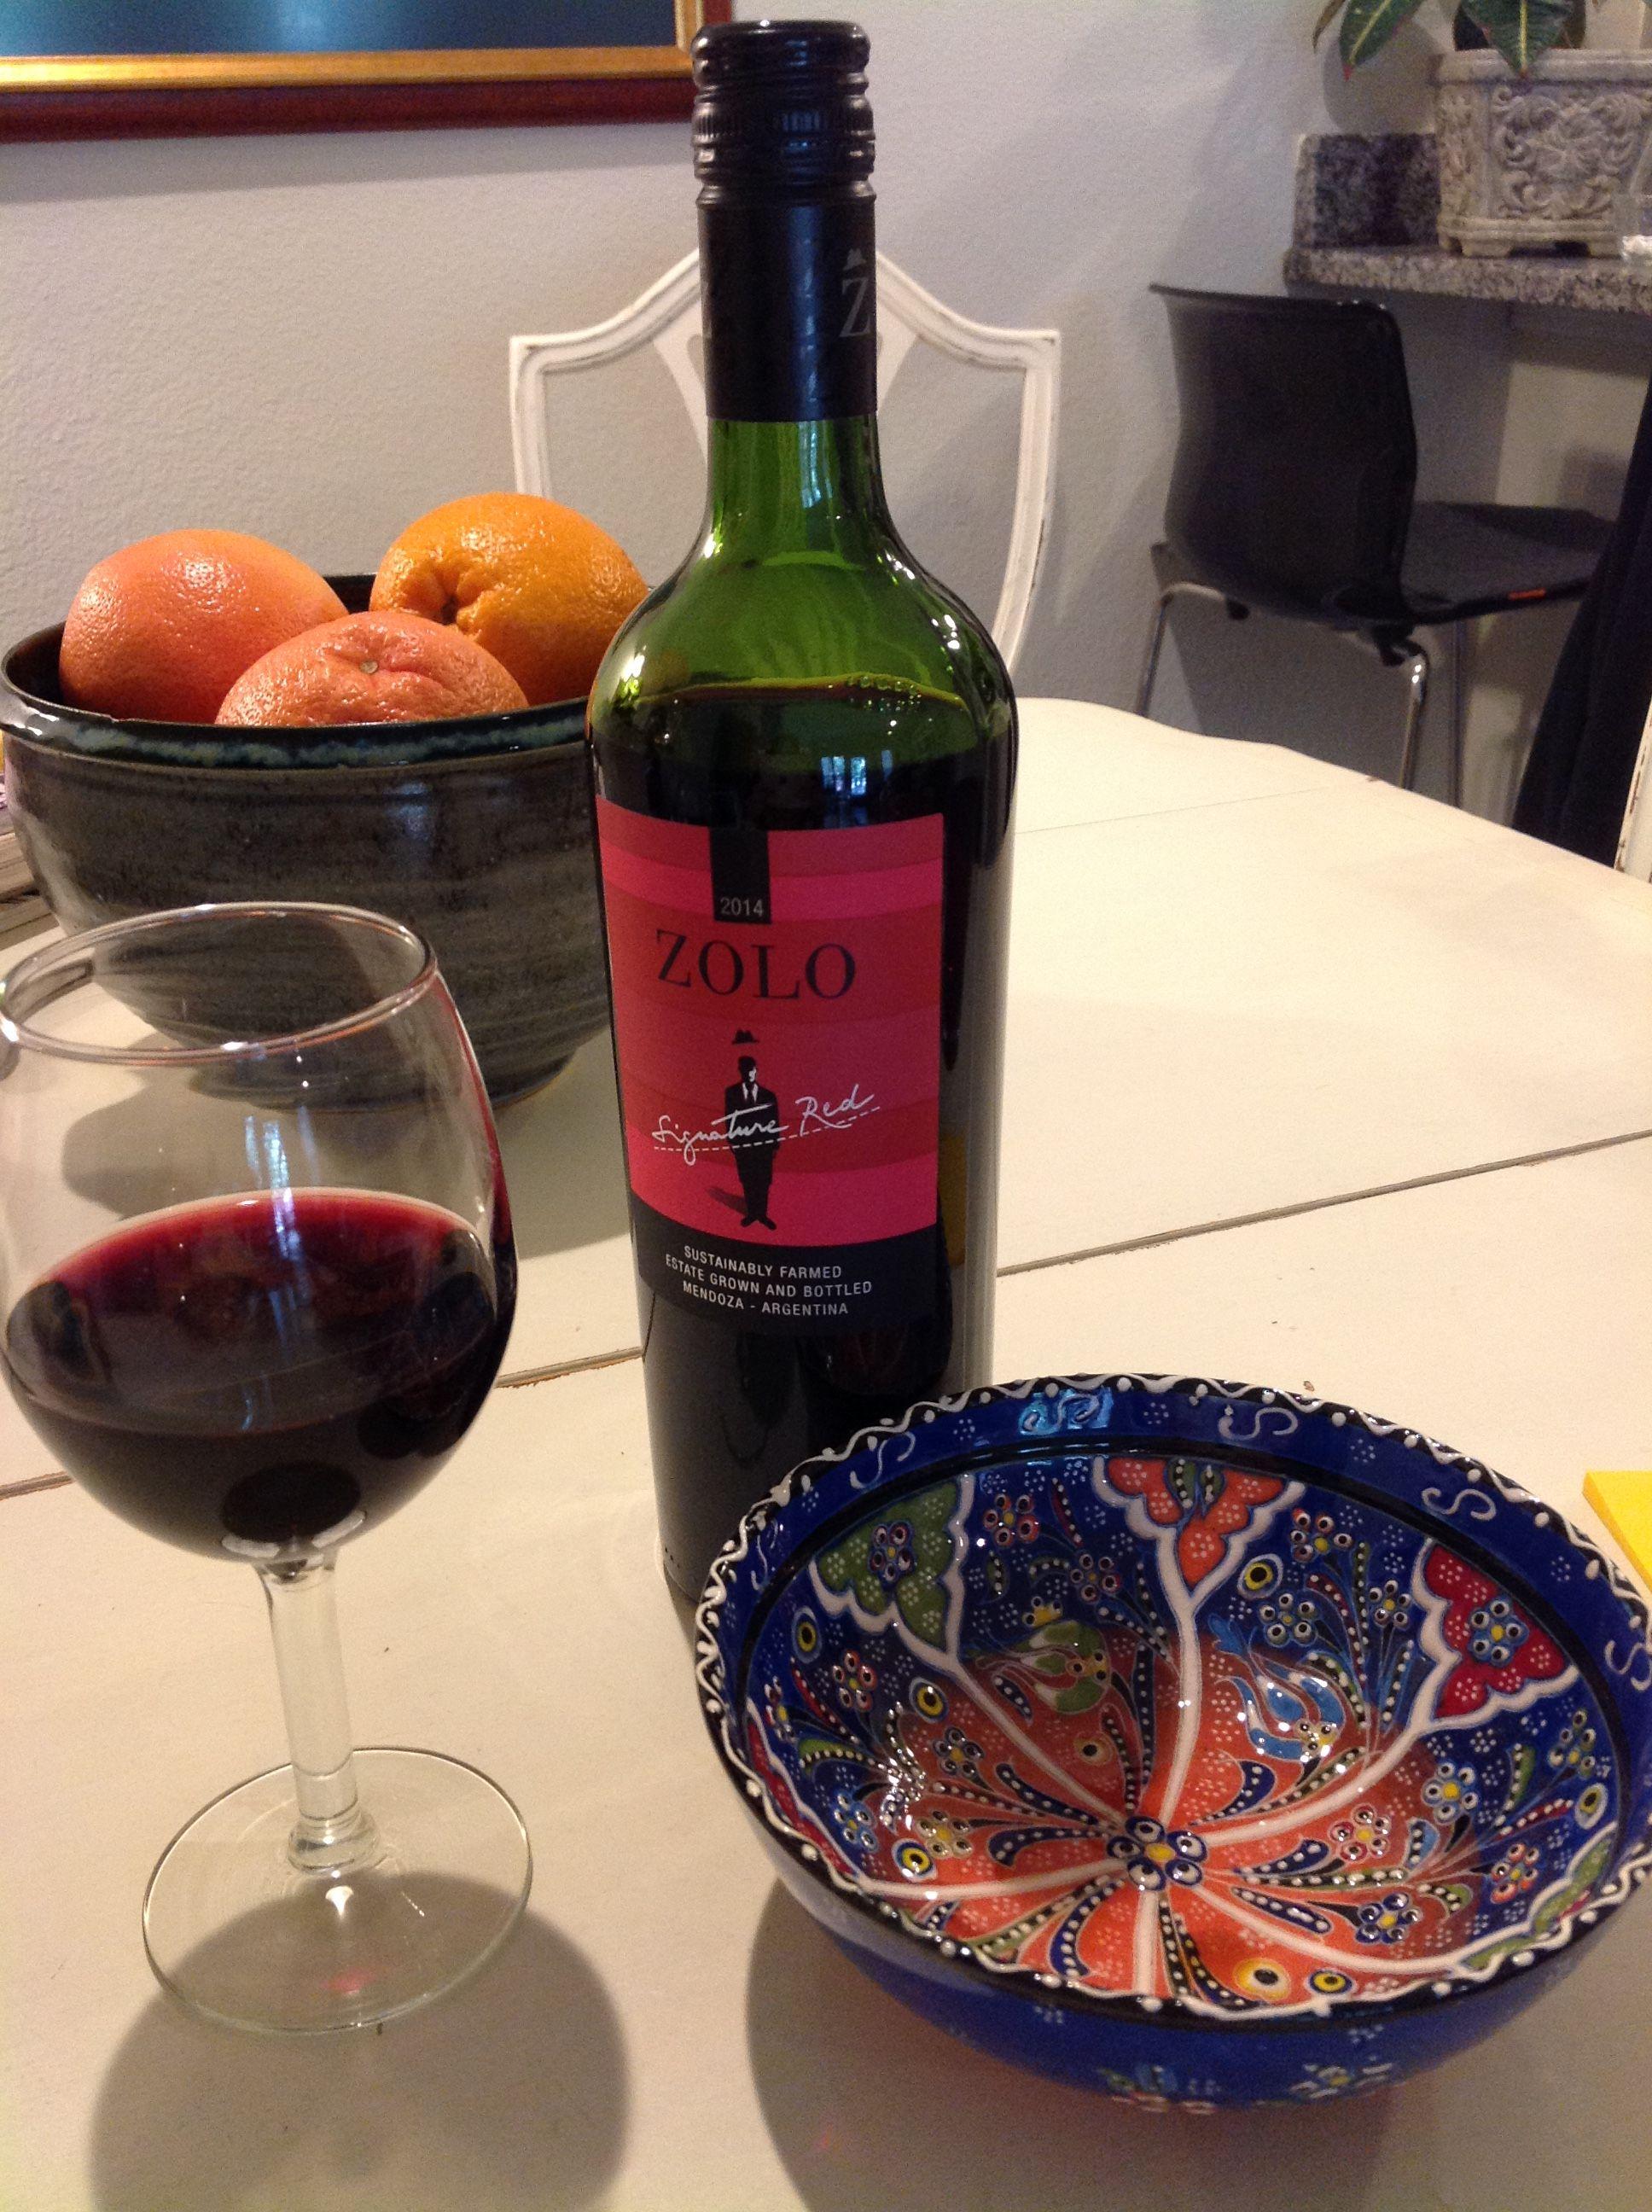 F Stephen Miller Angel S Reserve 2015 Merlot Wine Bottle Alcoholic Drinks Merlot